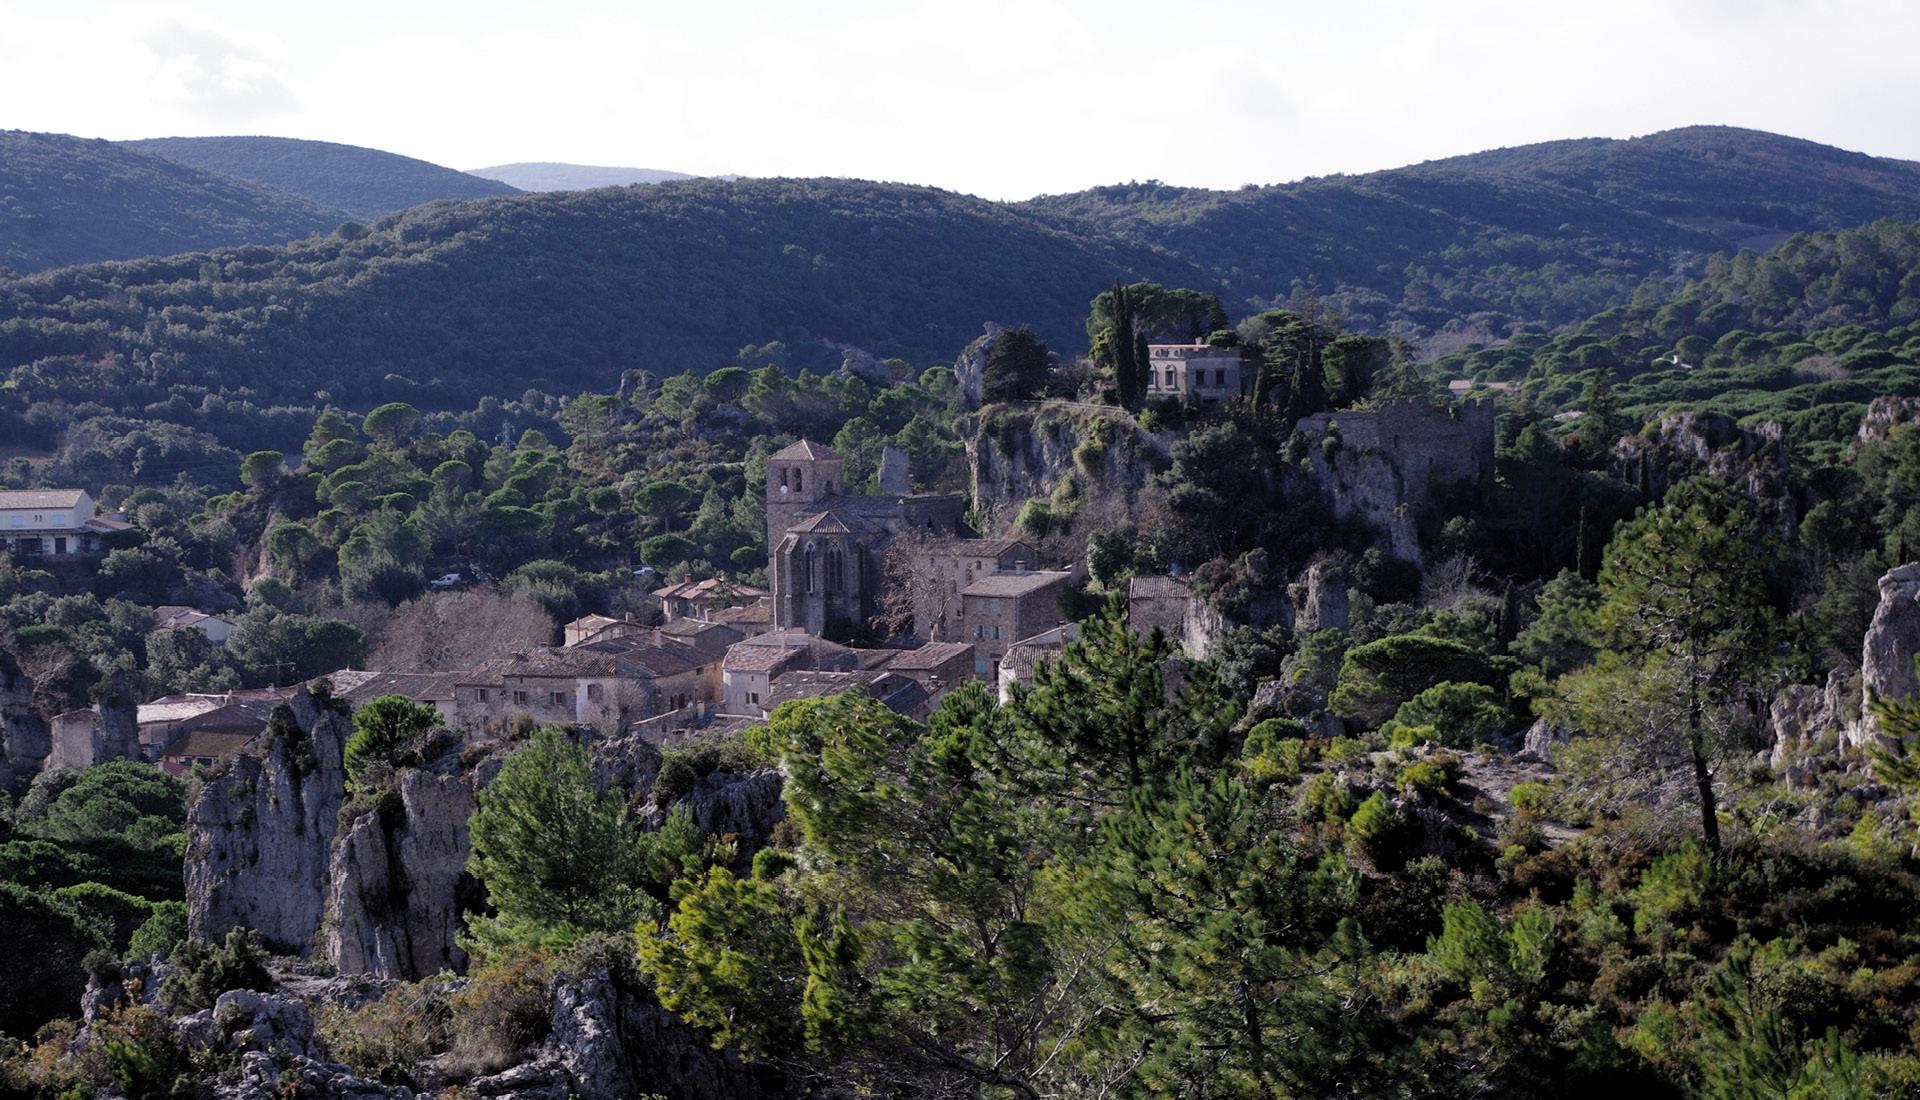 Village Cirque de Mourèze © Maza Flickr